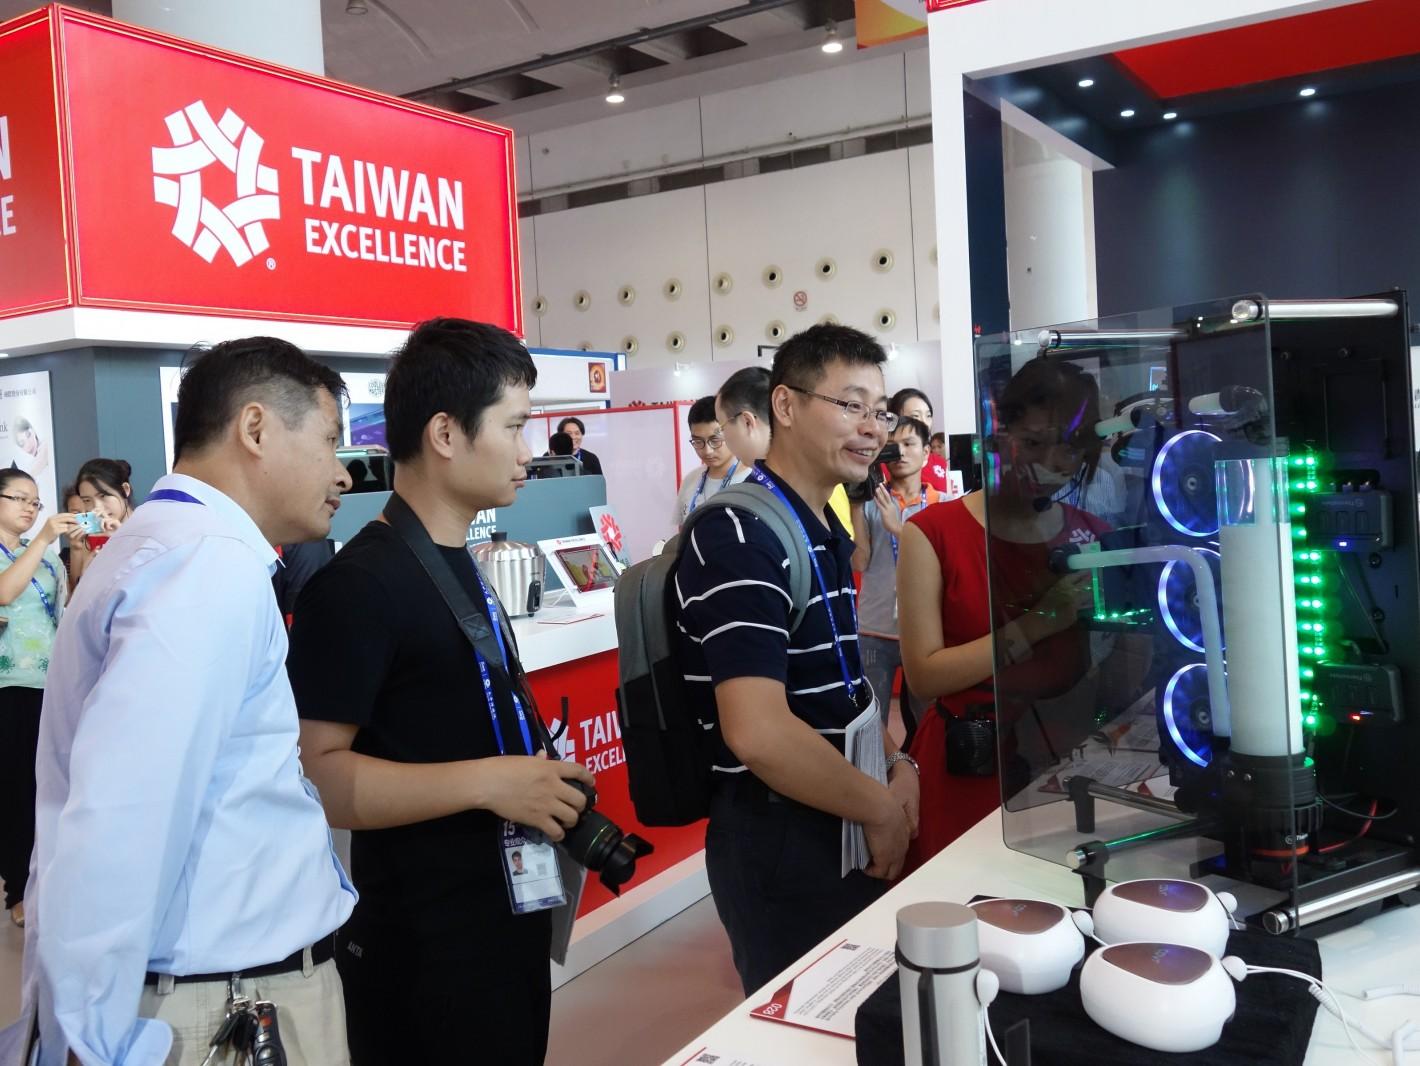 参观者对台湾精品感到高度兴趣